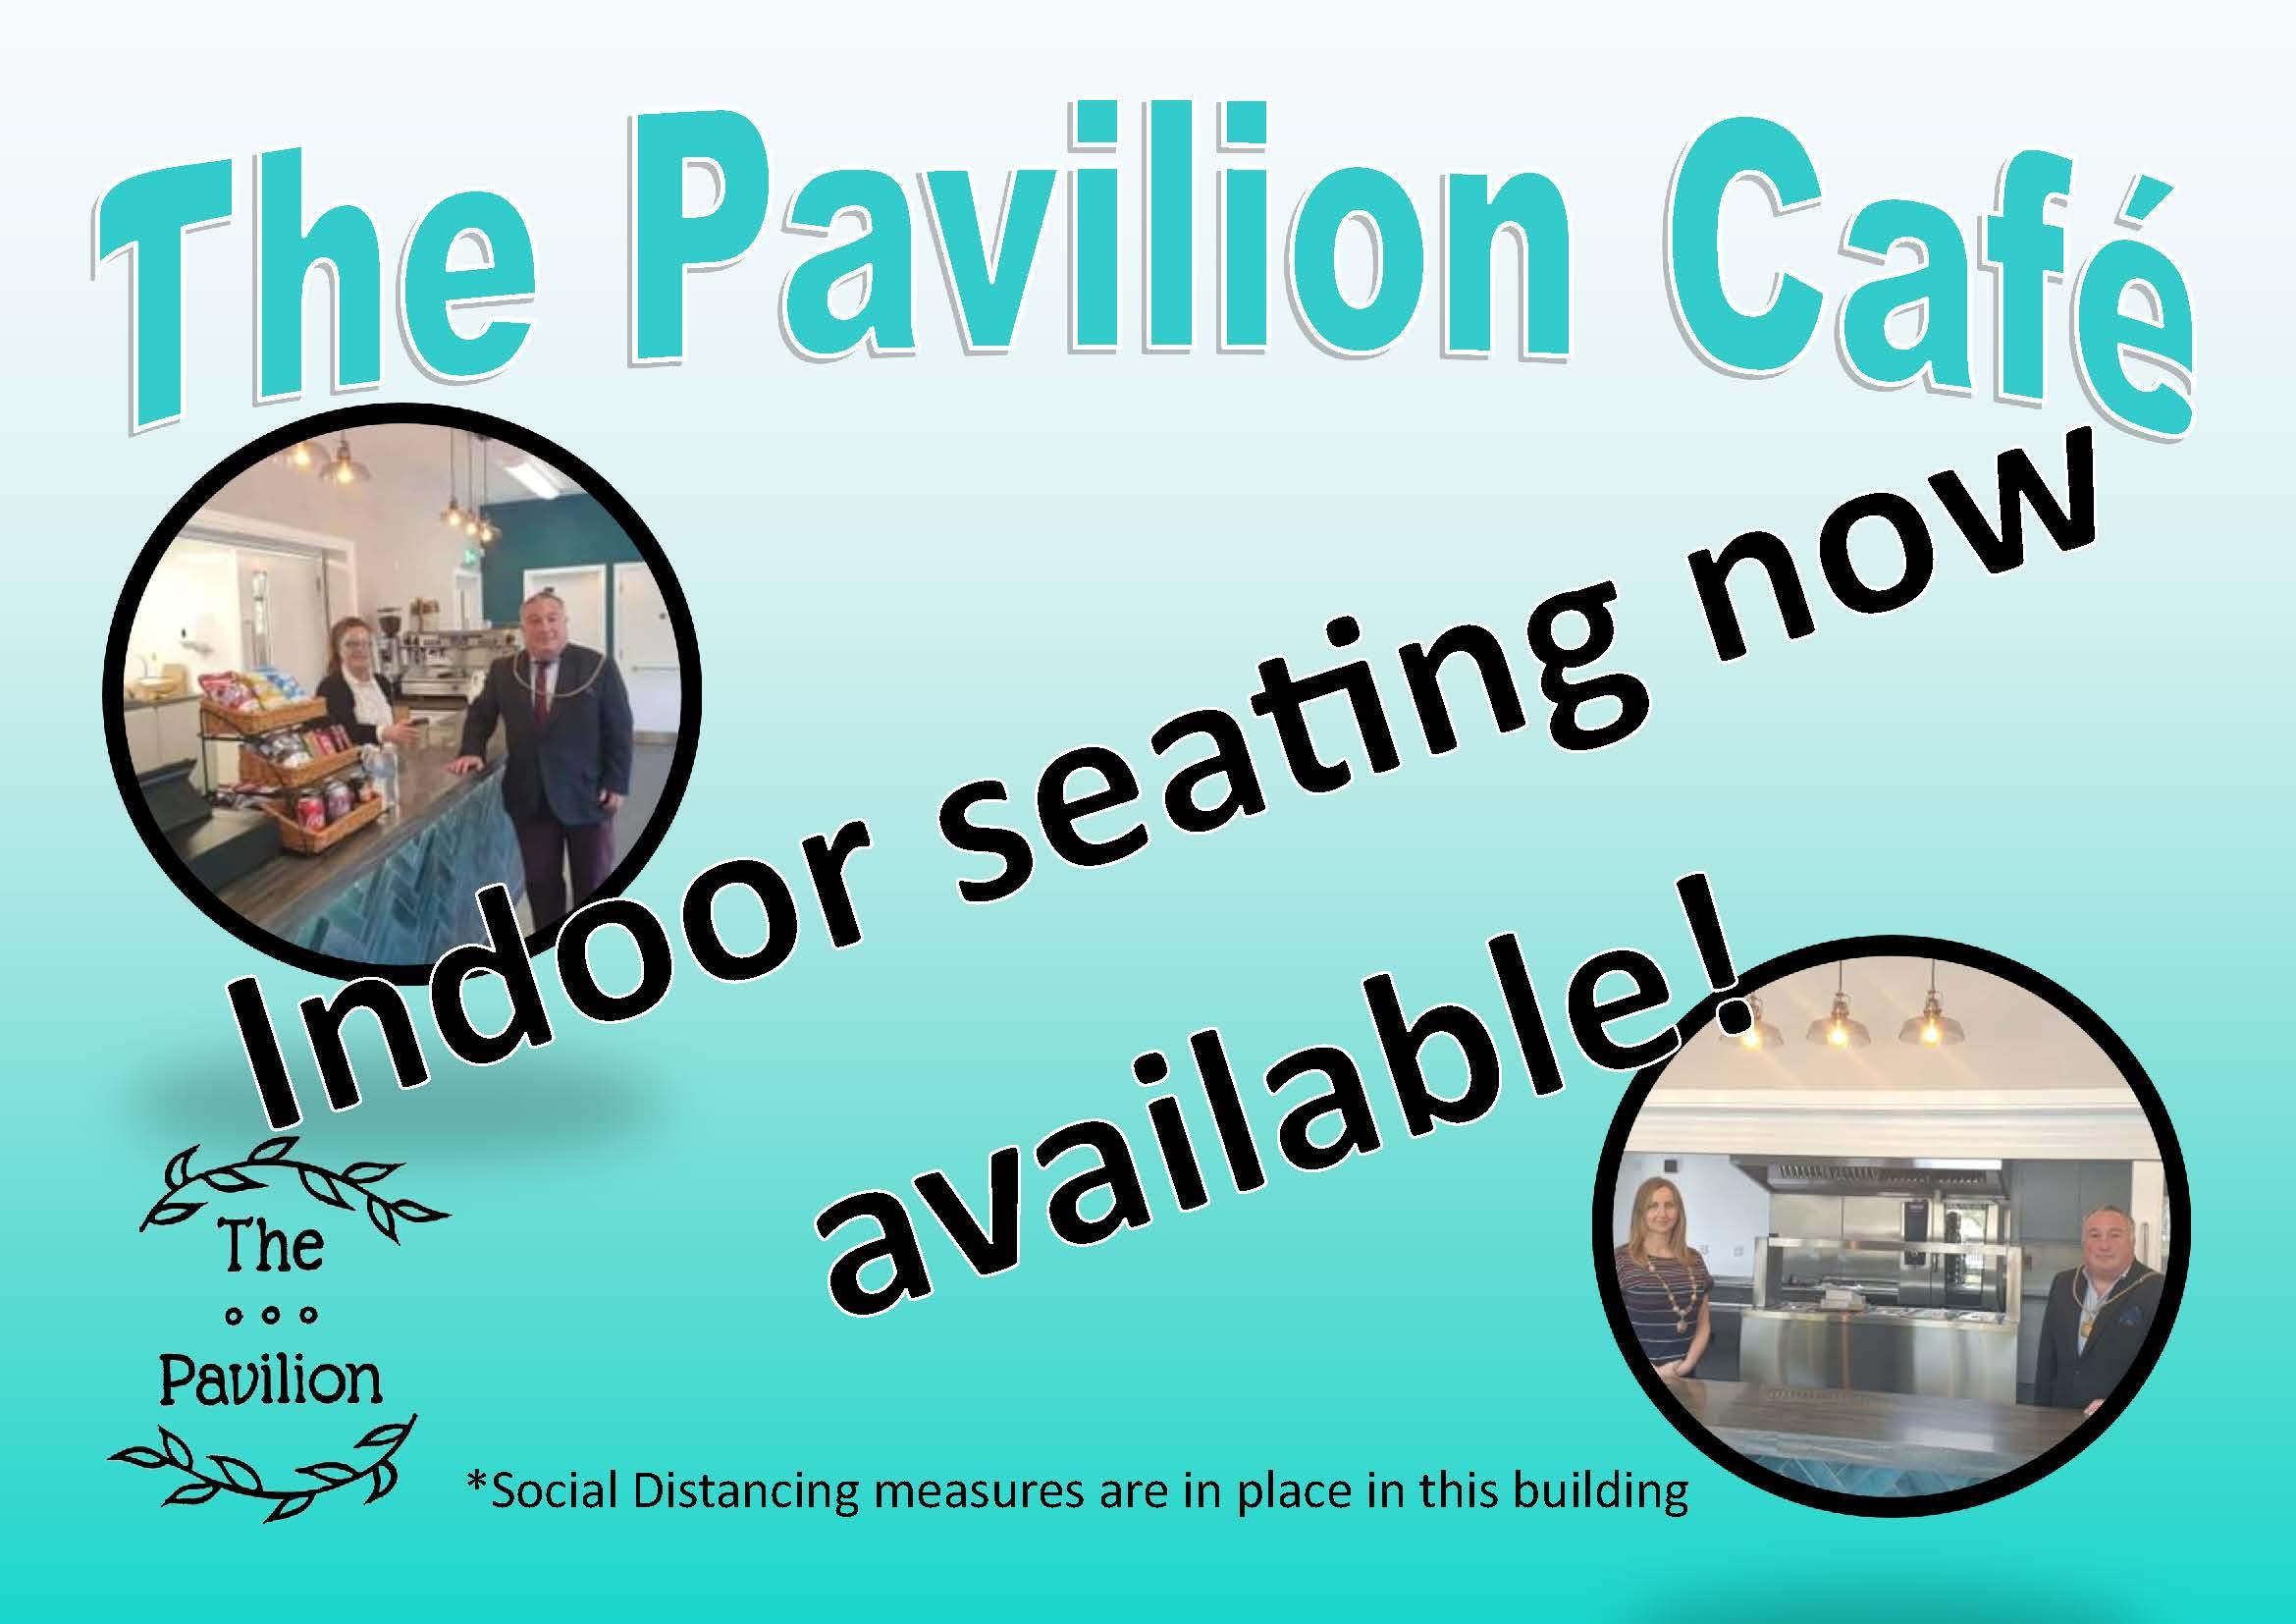 Indor Seating Pavilion Poster